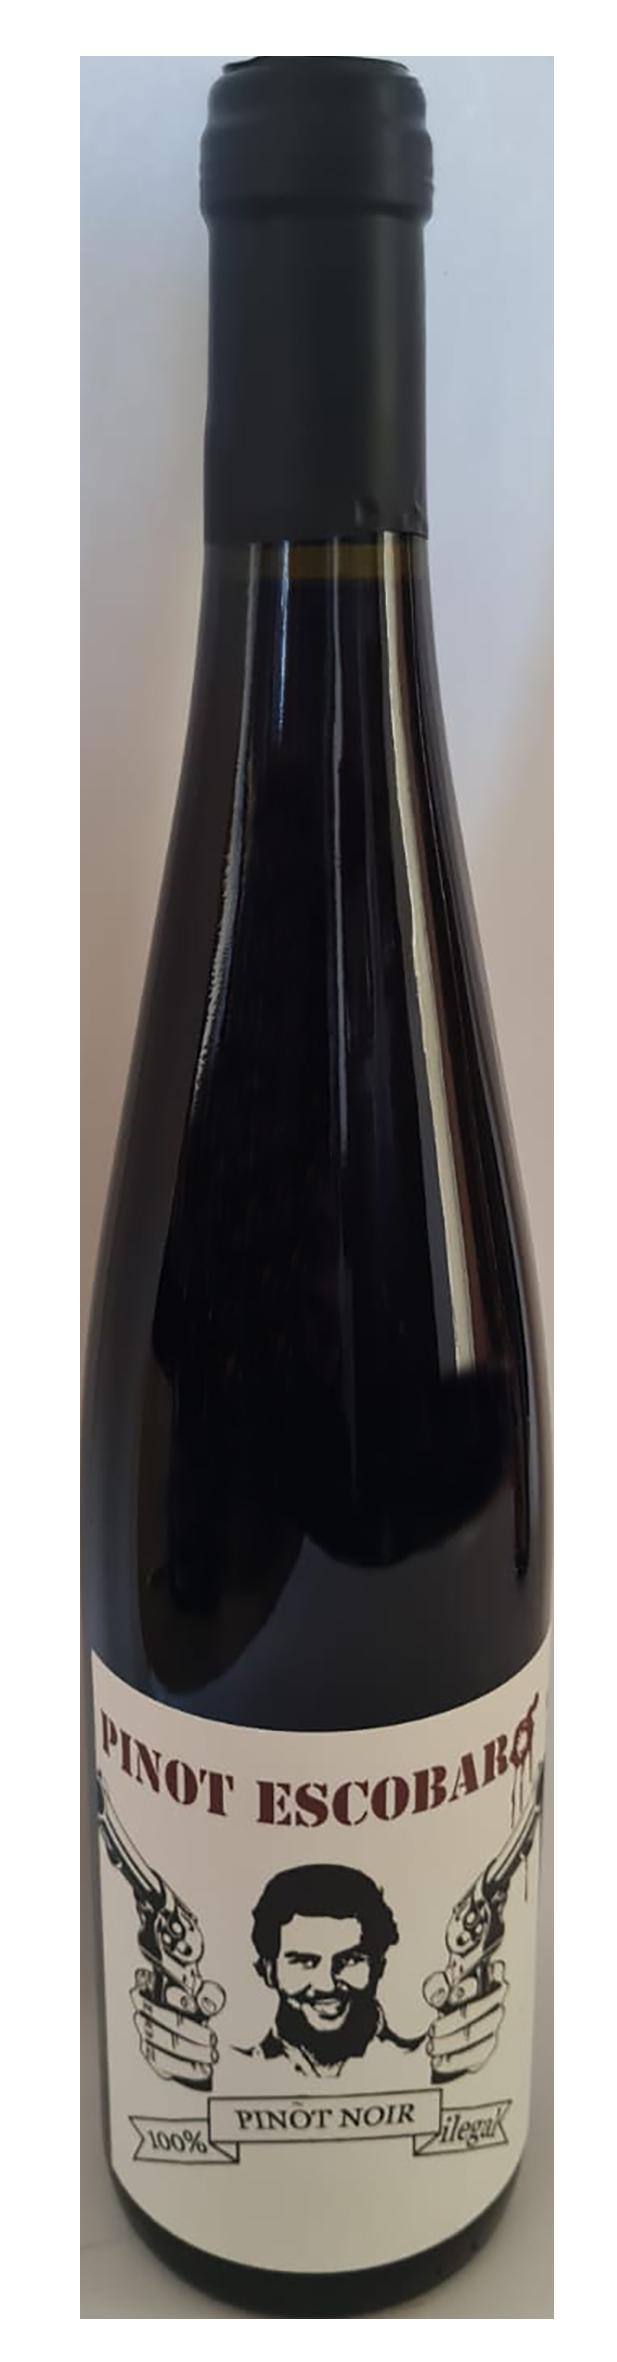 bouteille de vin rouge naturel alsacien, producteur Sons of Wine, cuvée Pinot Escobar 2019